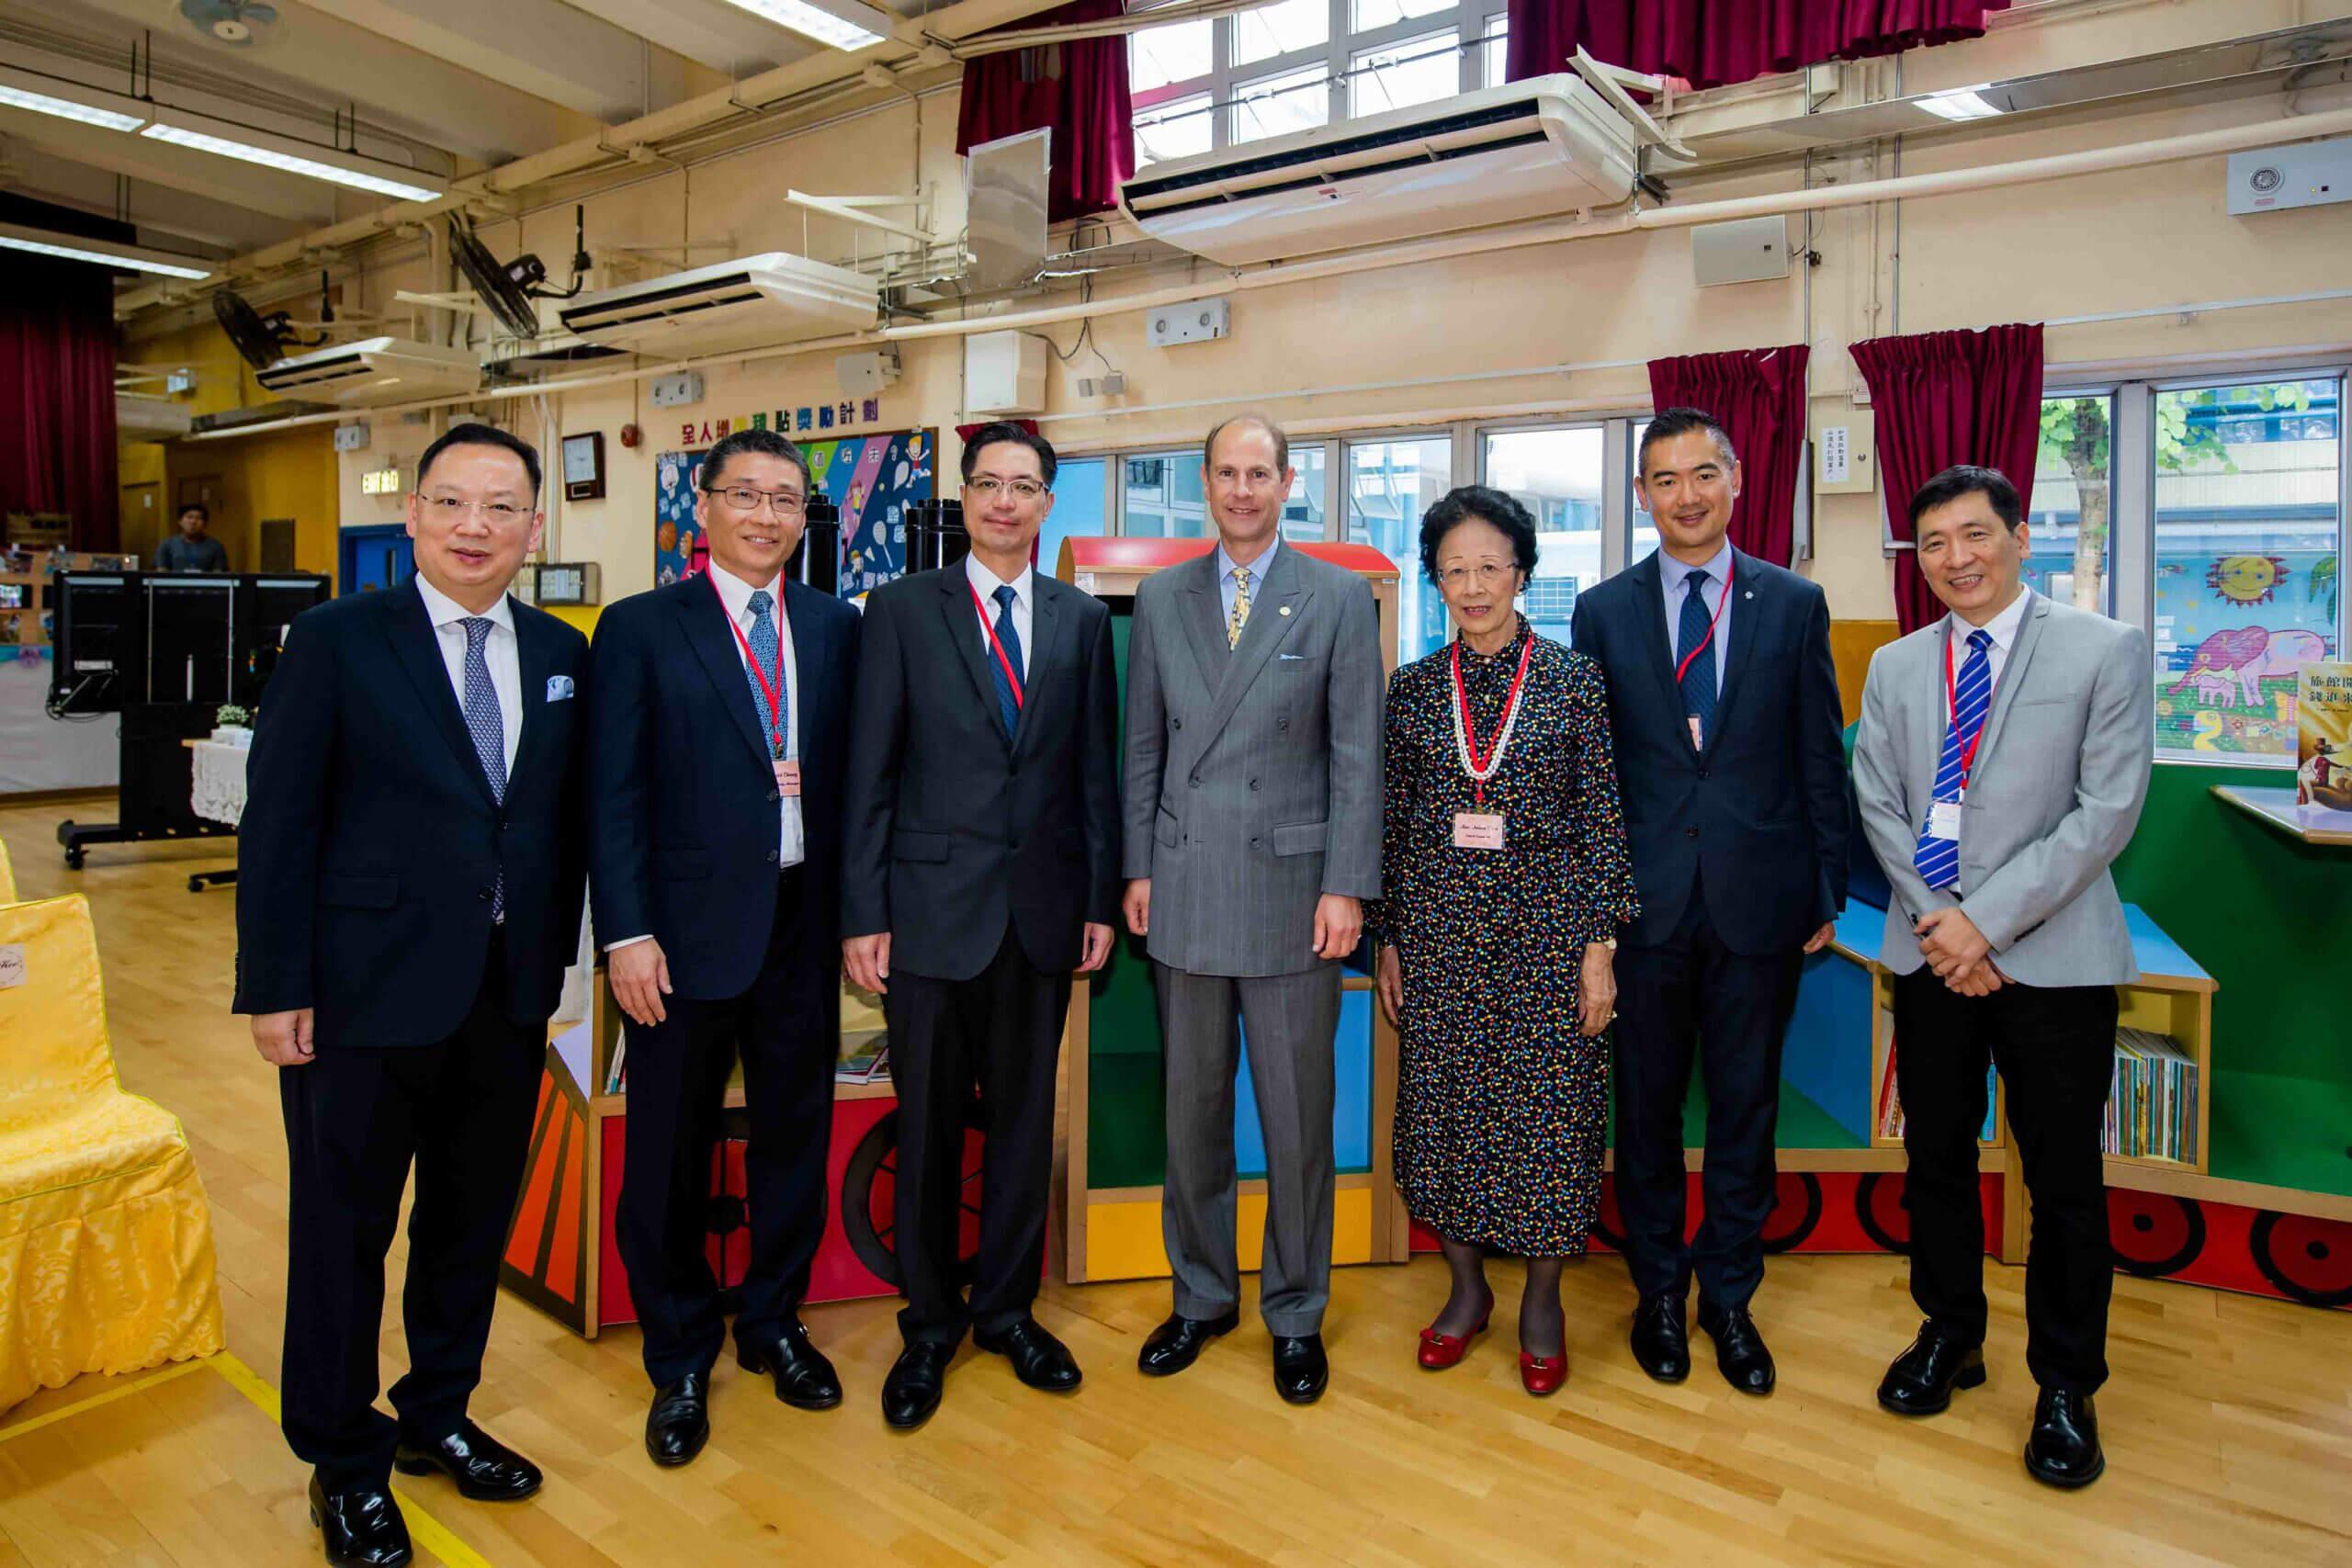 威塞克斯伯爵愛德華王子訪港 與獎勵計劃青年交流 (08/06/2018)